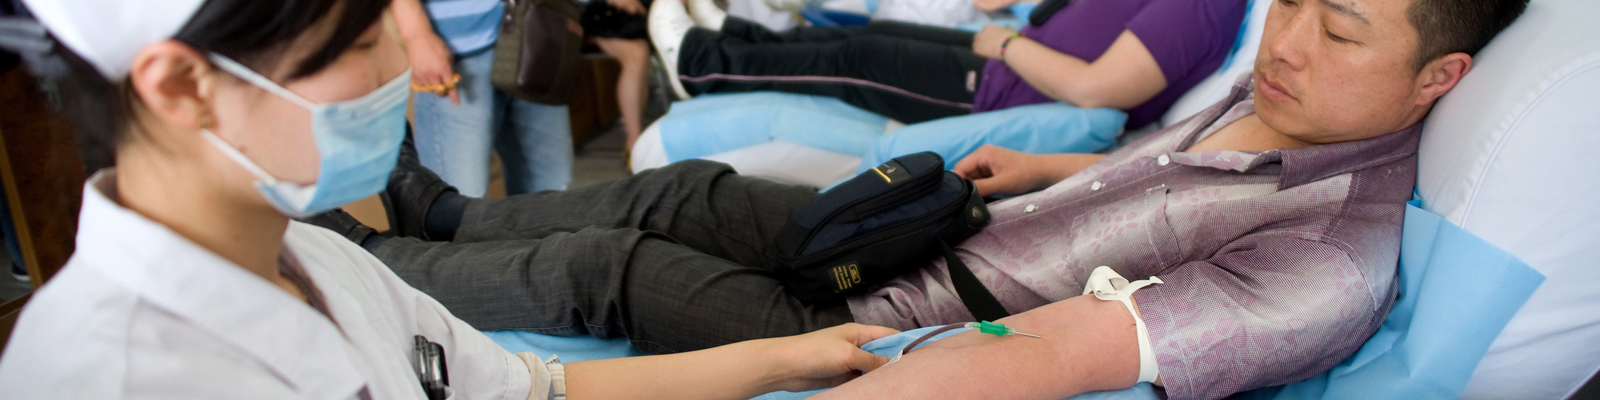 Ein Mann spendet im Krankenhaus Blut.